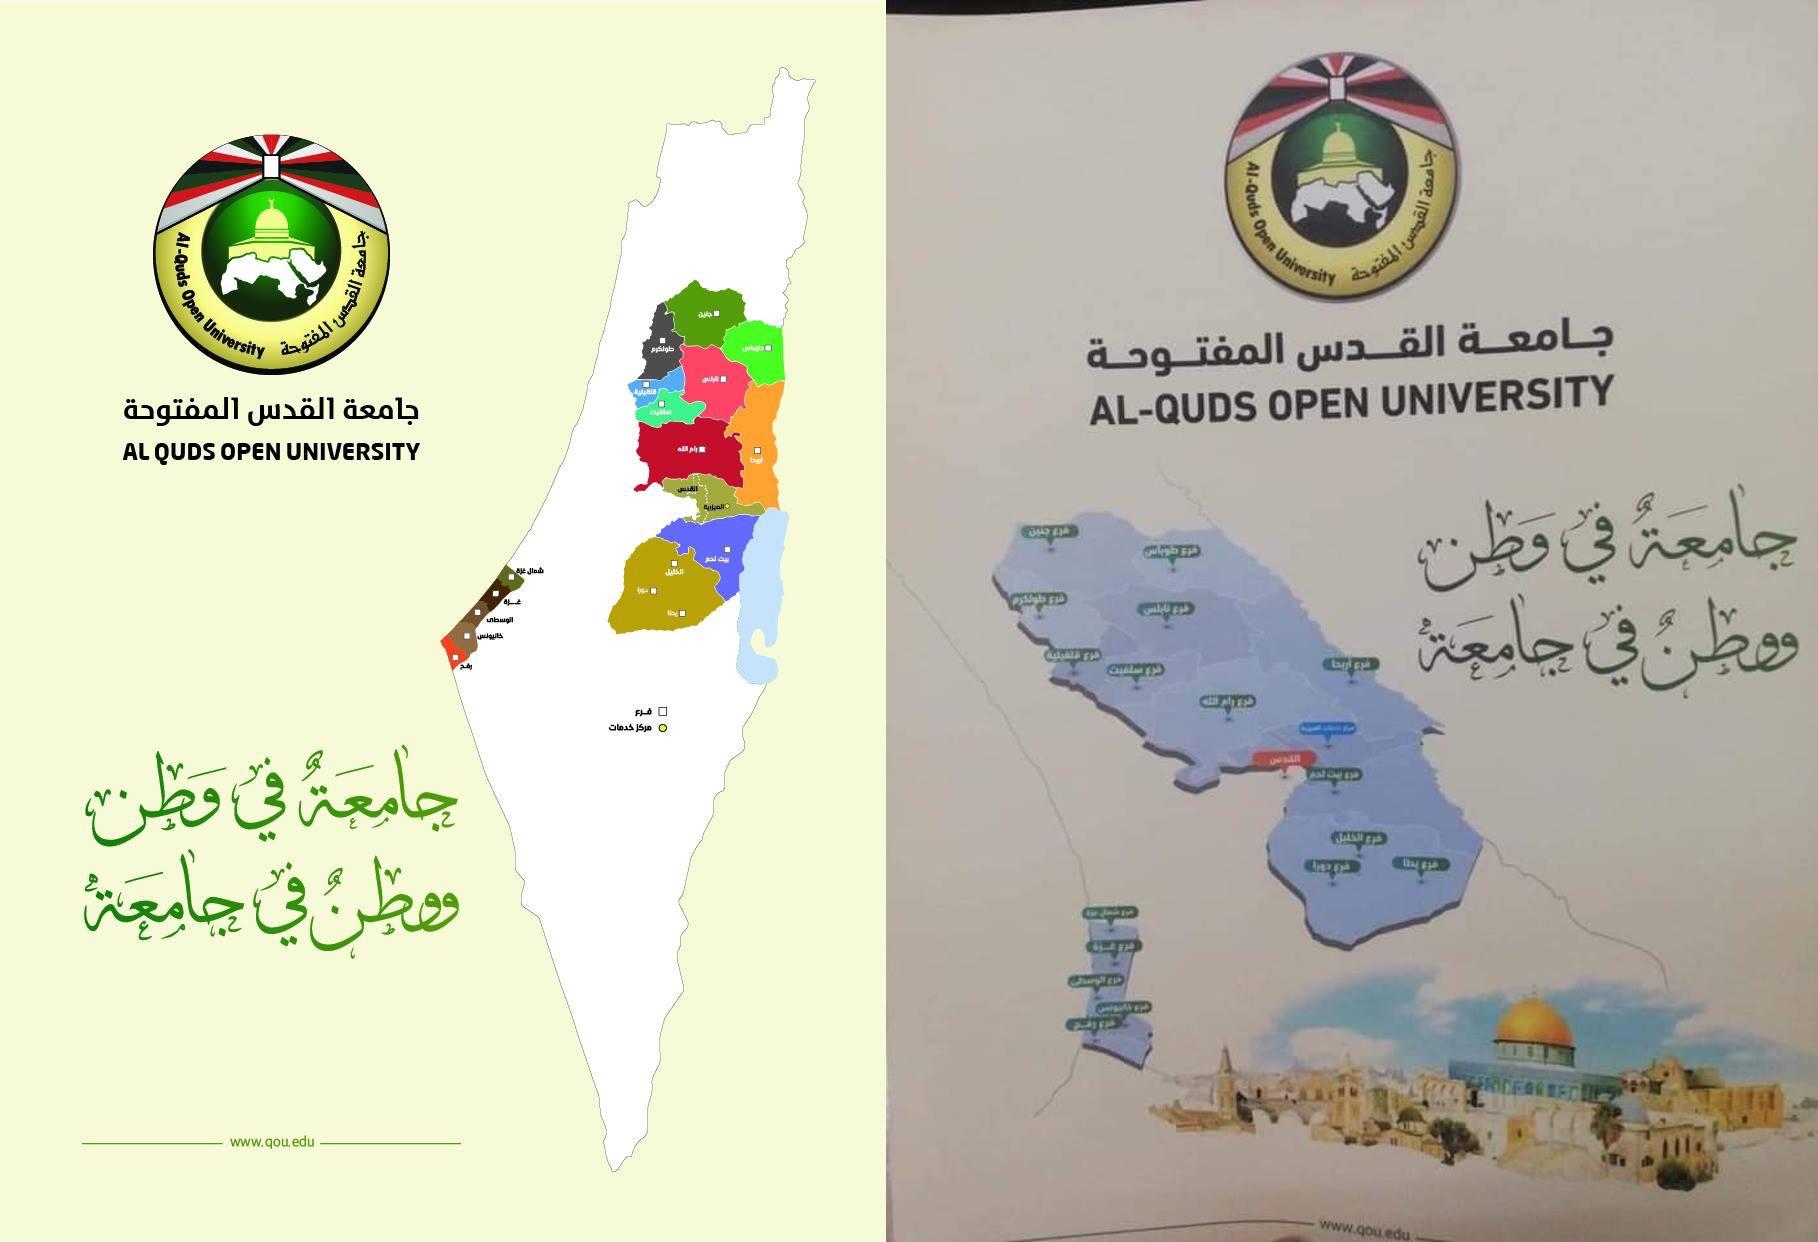 توضيح هام من جامعة القدس المفتوحة